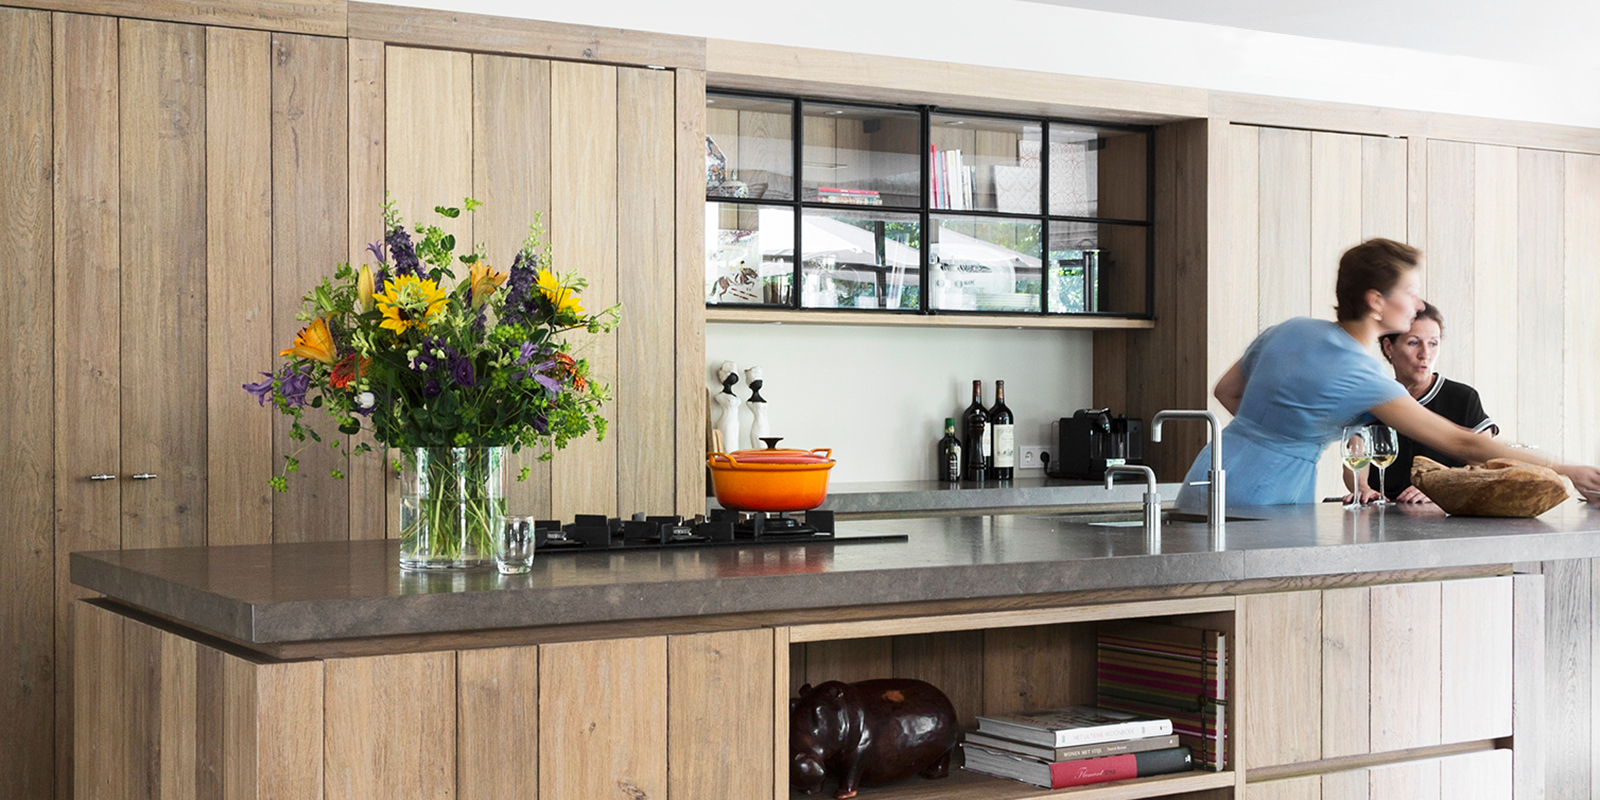 woonbeurs, the art of living, beurs voor wonen, woonevent, event voor wonen, the art of living, tinello, exclusieve keukens, luxe keukens, landelijke keukens